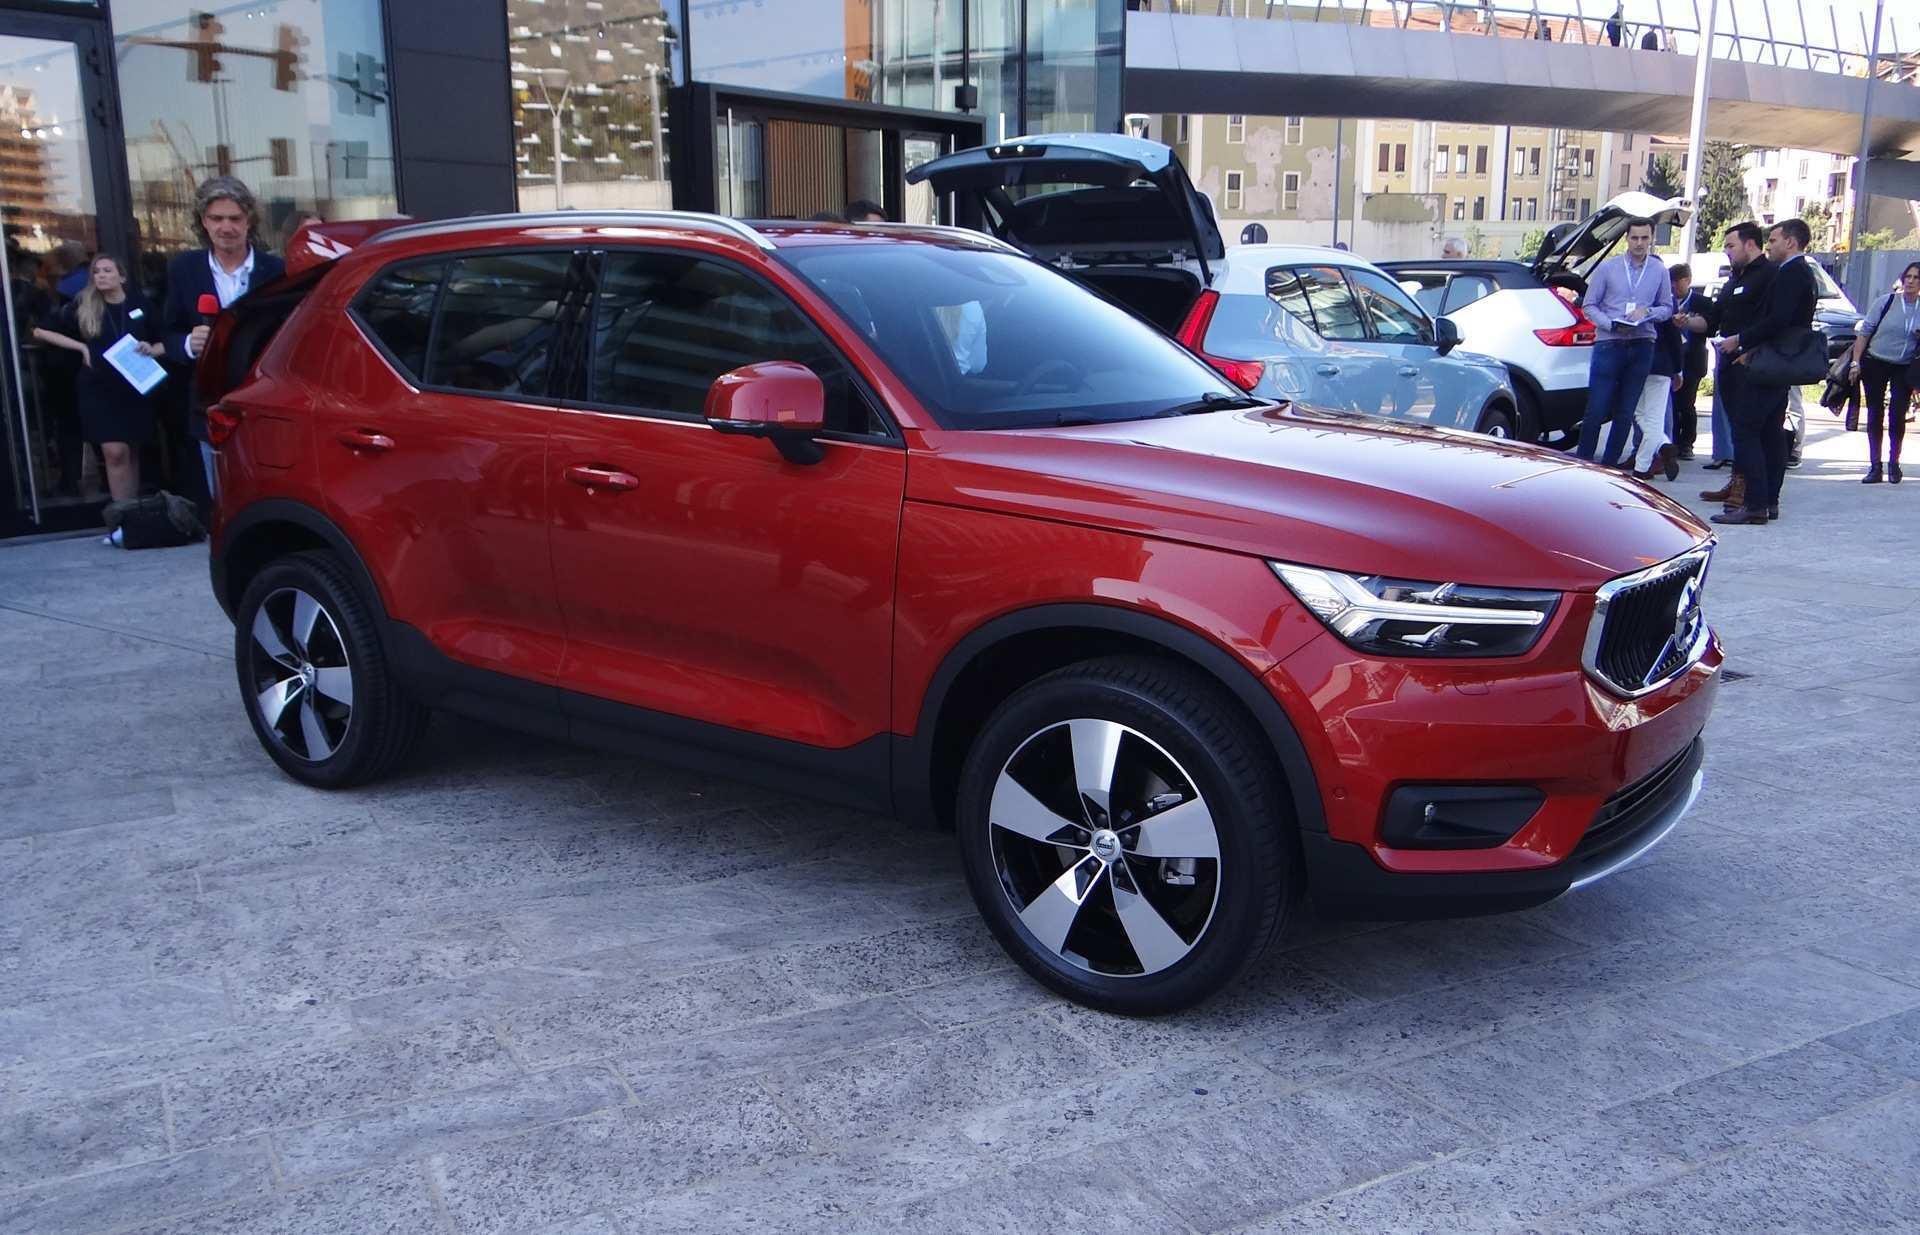 32 Concept of 2020 Volvo Xc40 Uk Prices by 2020 Volvo Xc40 Uk